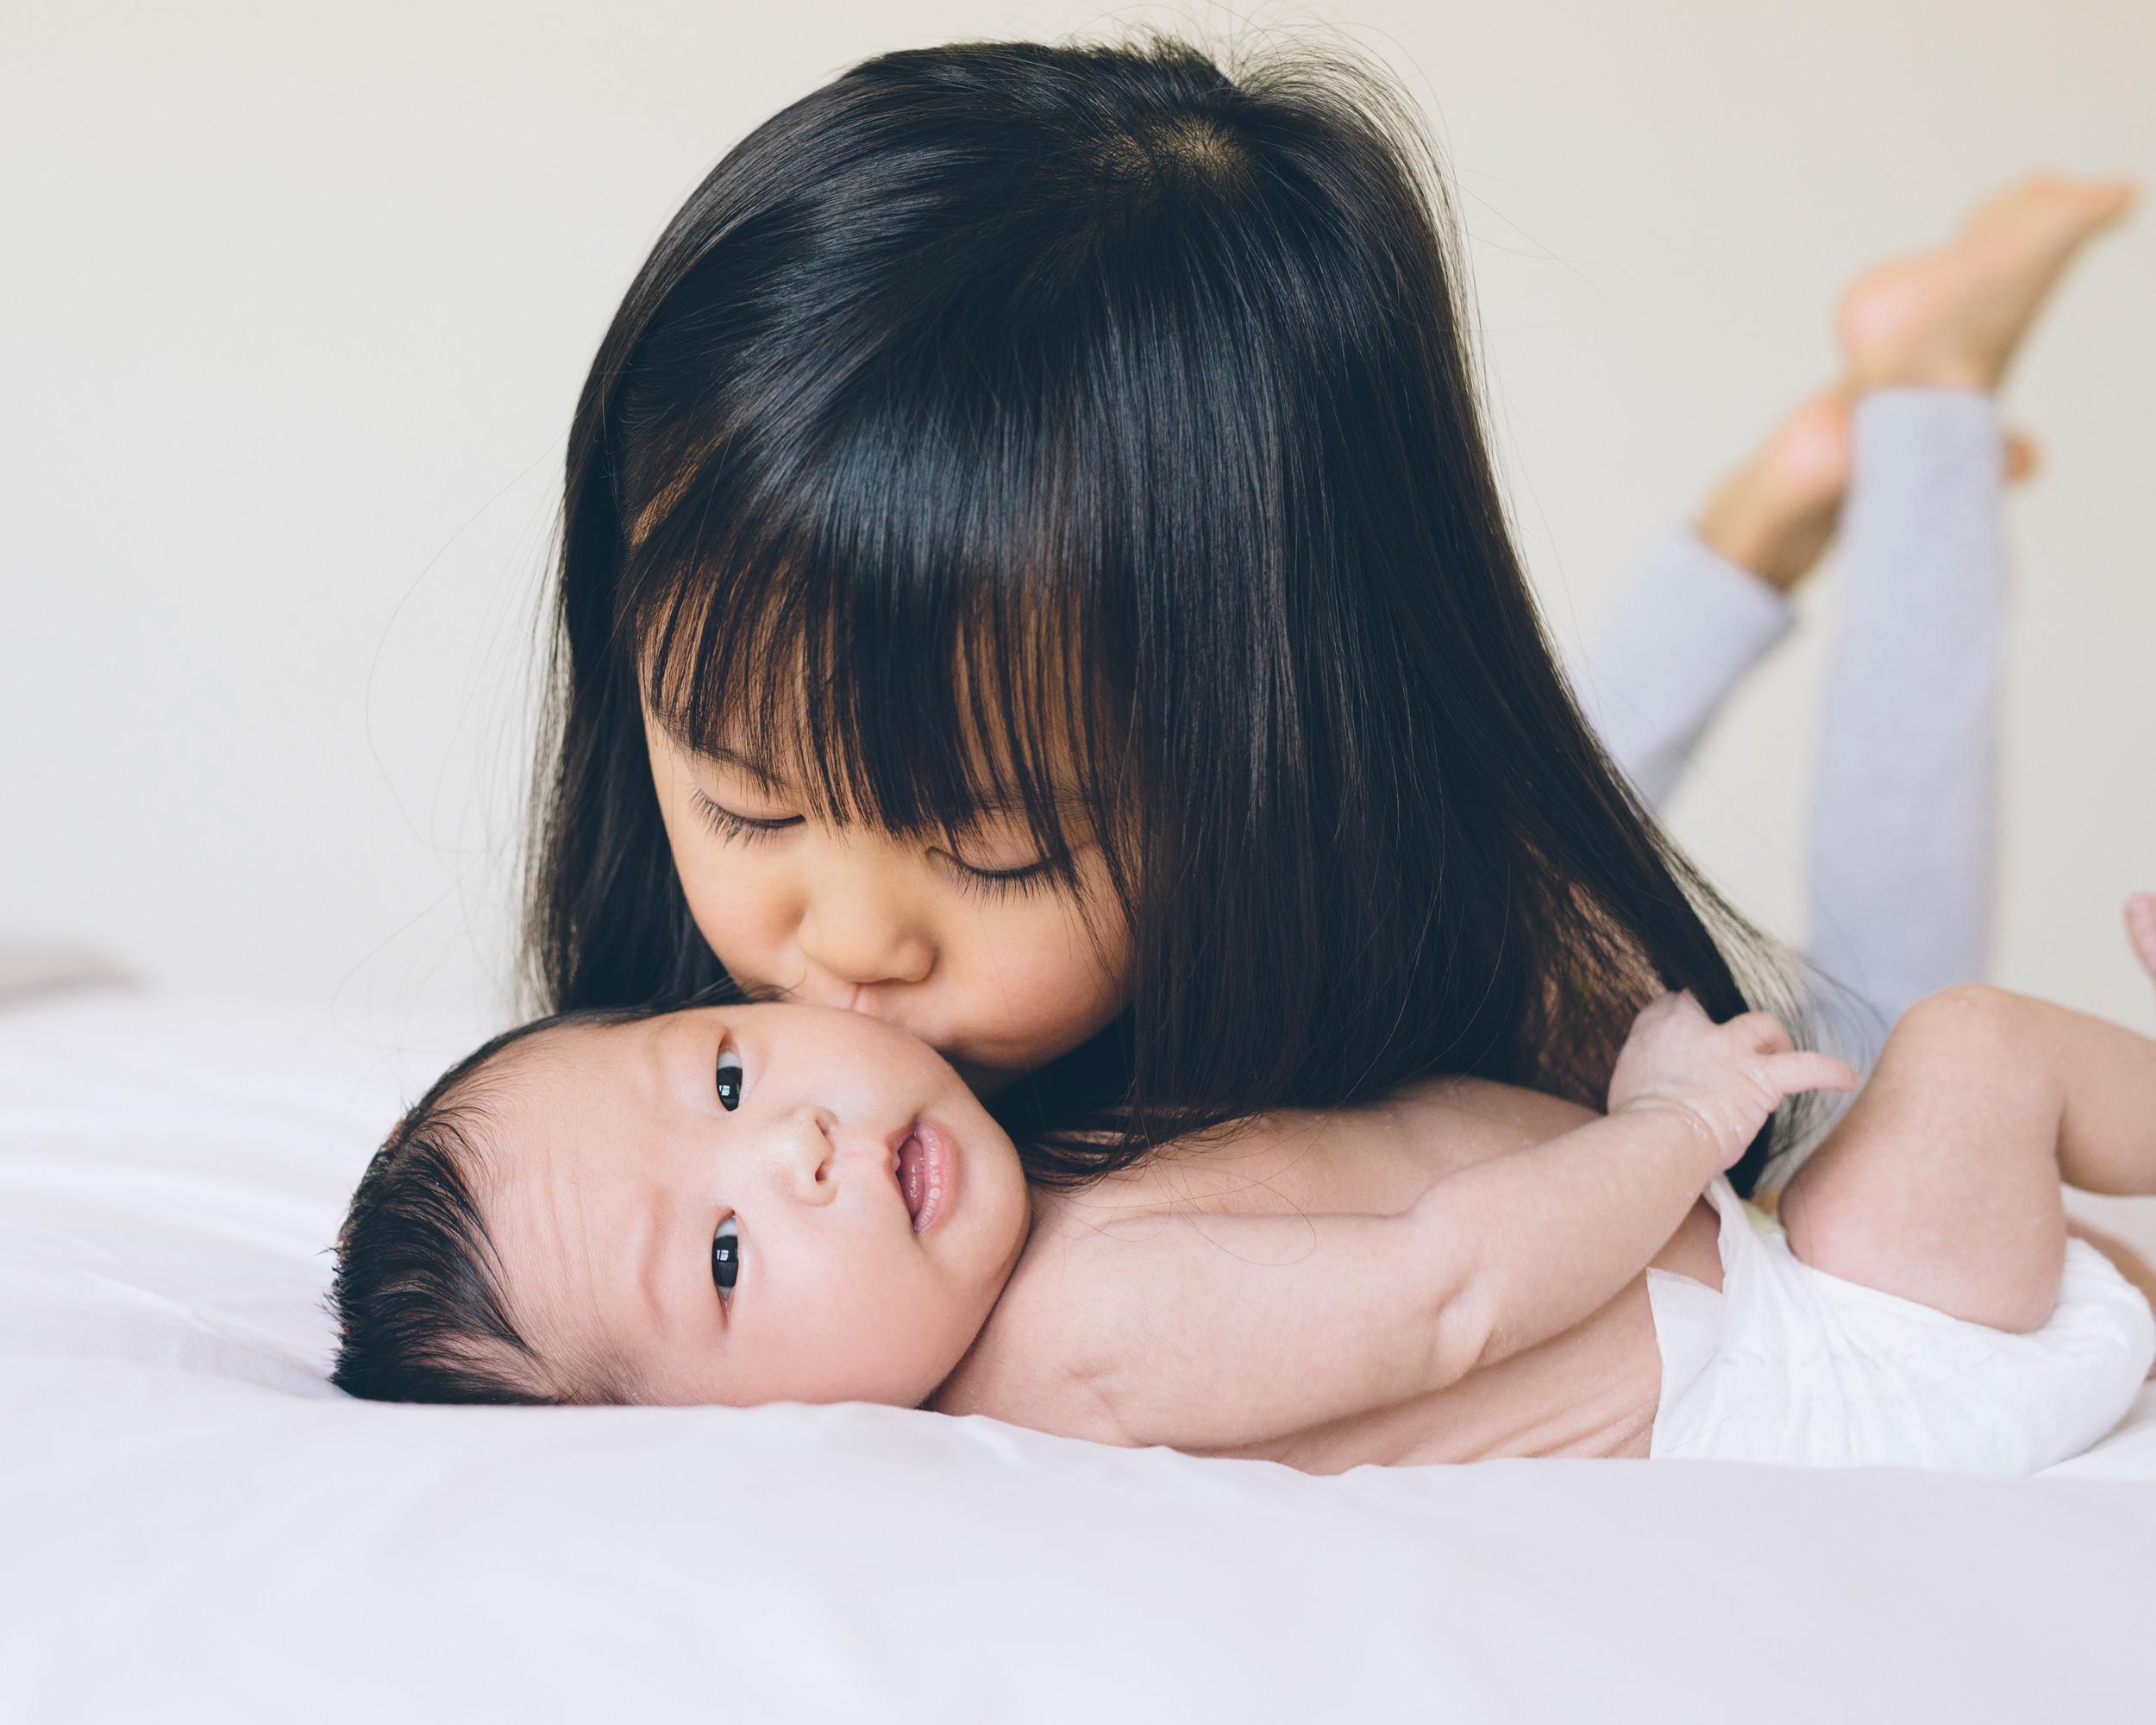 bay-area-newborn-photographer-6.jpg